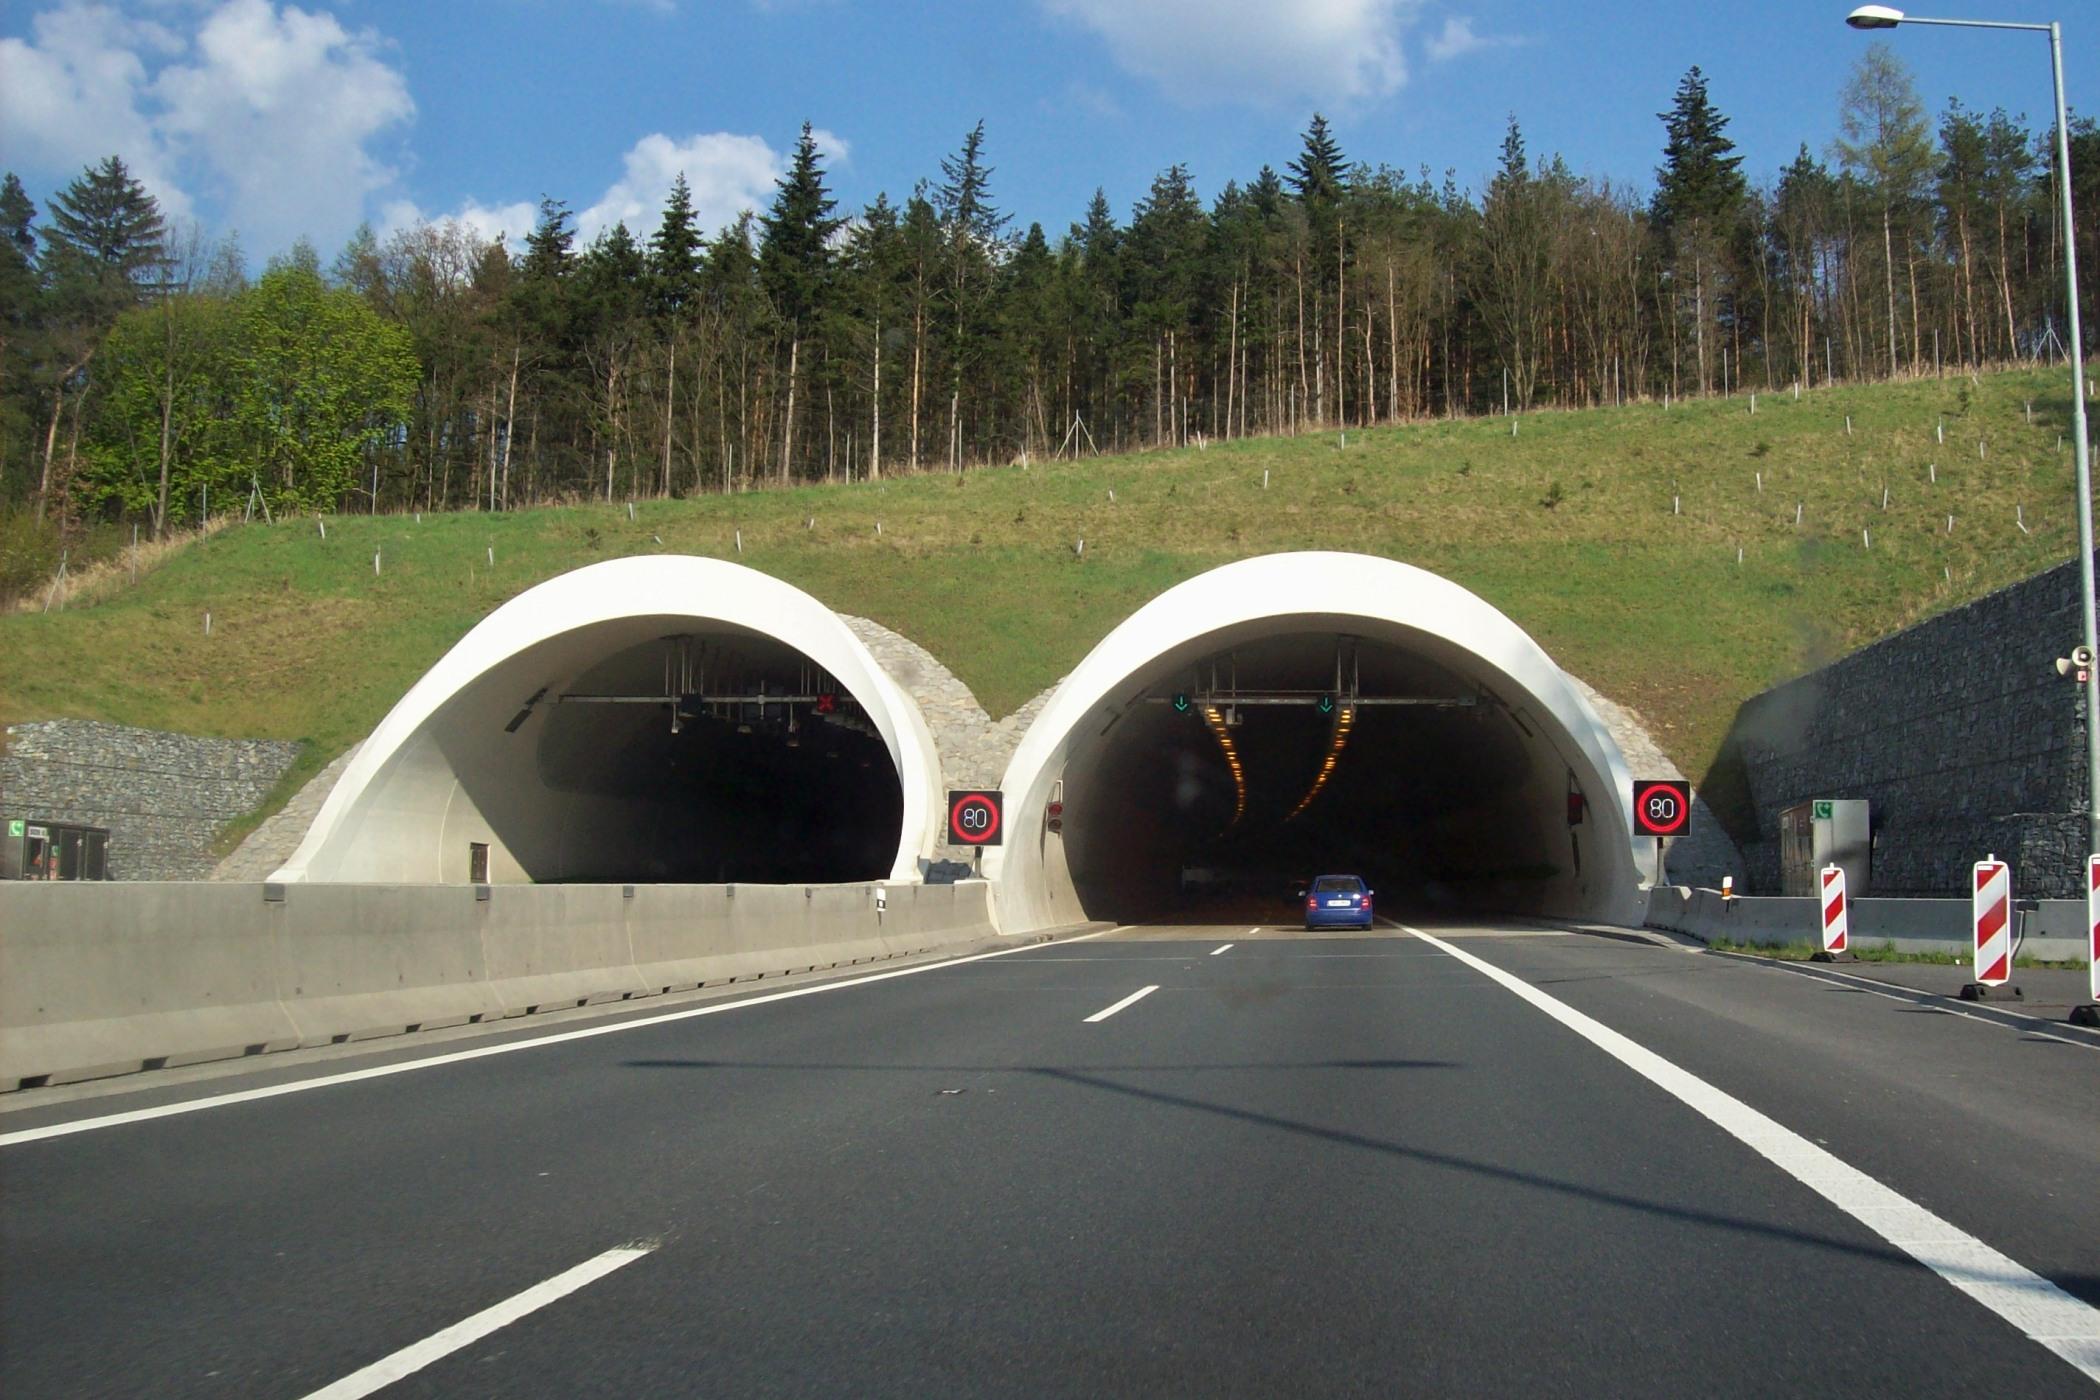 Západní portál tunelu Valík na dálnici D5, nedaleko Plzně